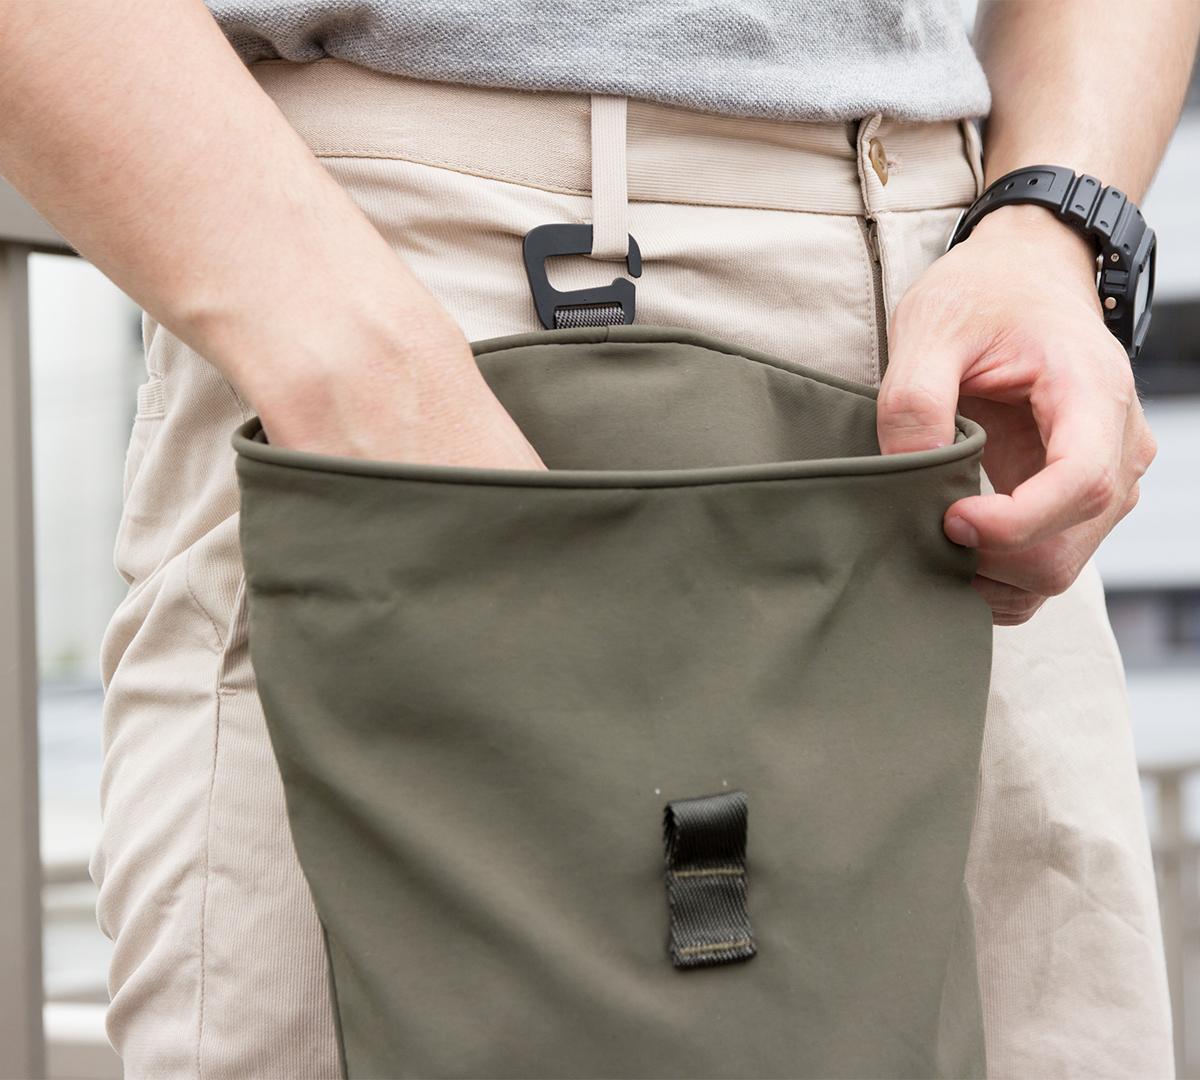 吊り下げバッグ|DIYなどの作業バッグや小物入れにも重宝する、超軽量、動きを邪魔しない、荷重を分散、ミニマムデザインの4WAYウエストバッグ | Topologie